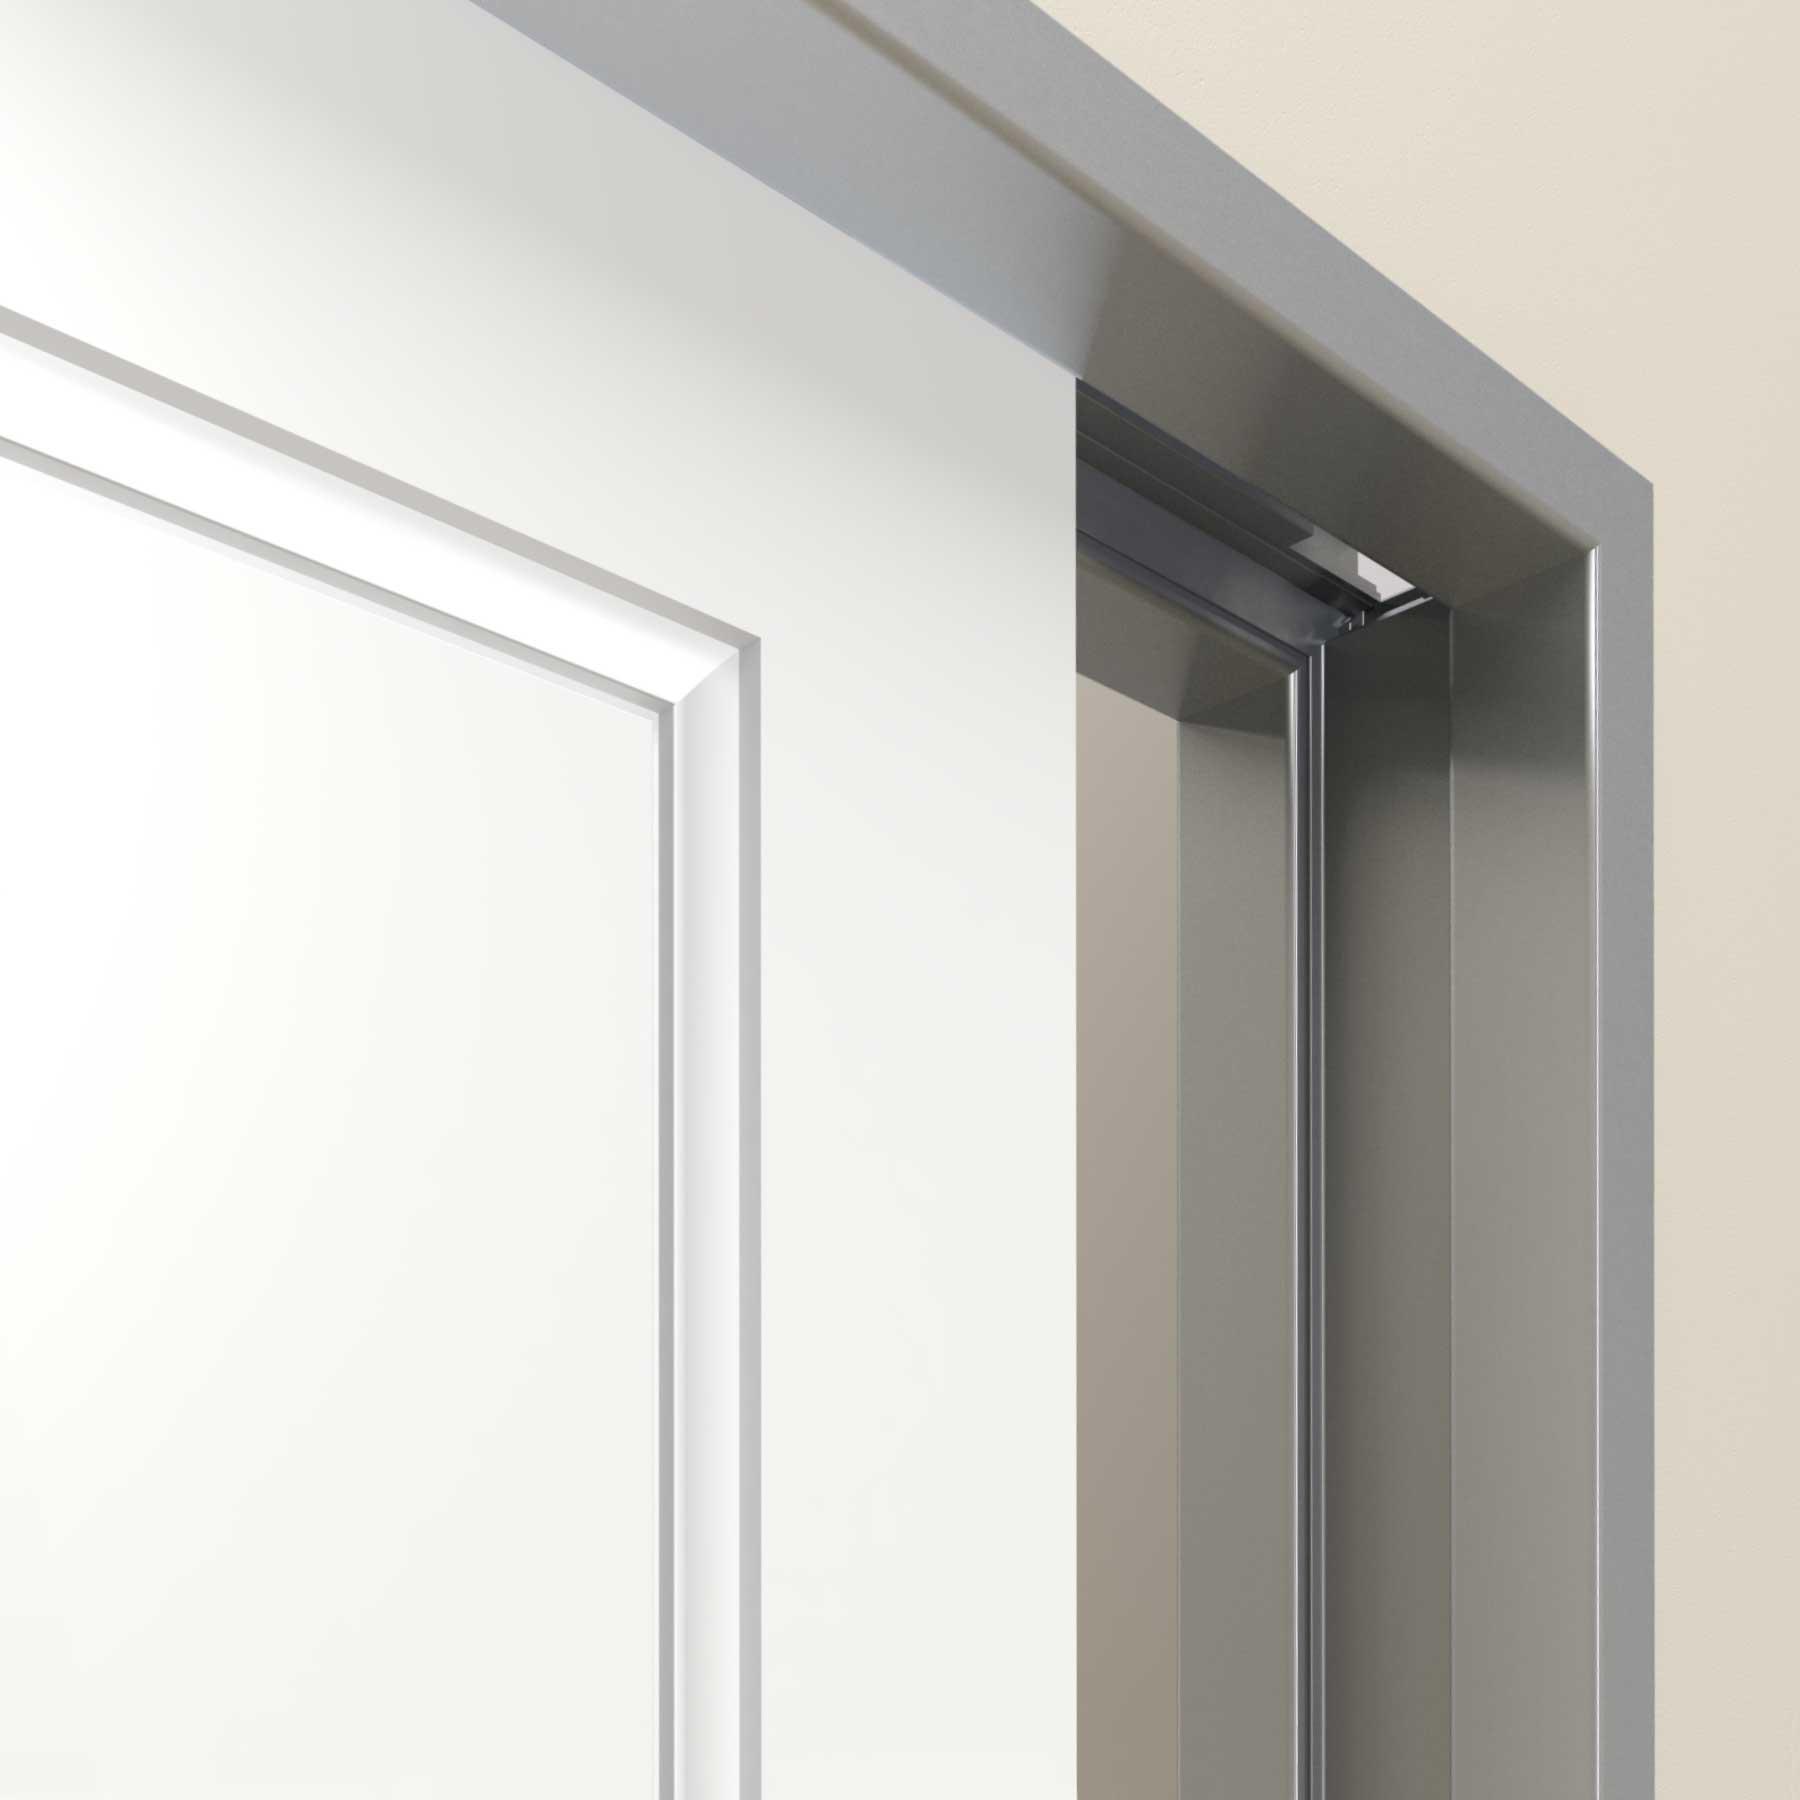 Door Handle Types >> TimberFormed oversized cavity sliders